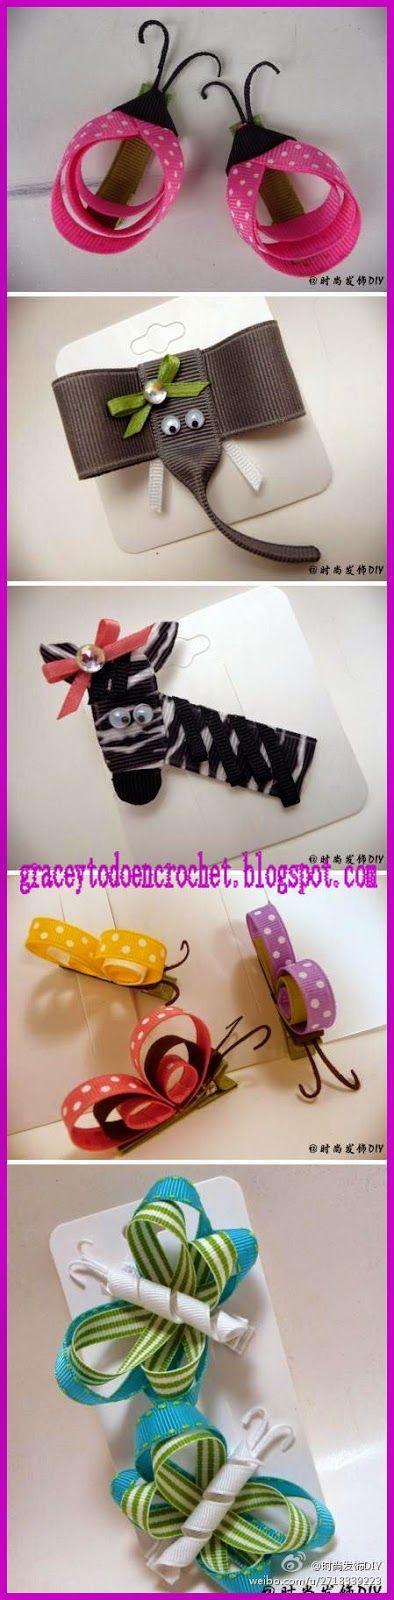 Grace y todo en Crochet: Ties perfect for Christmas...Lazos perfectos para estas navidades!